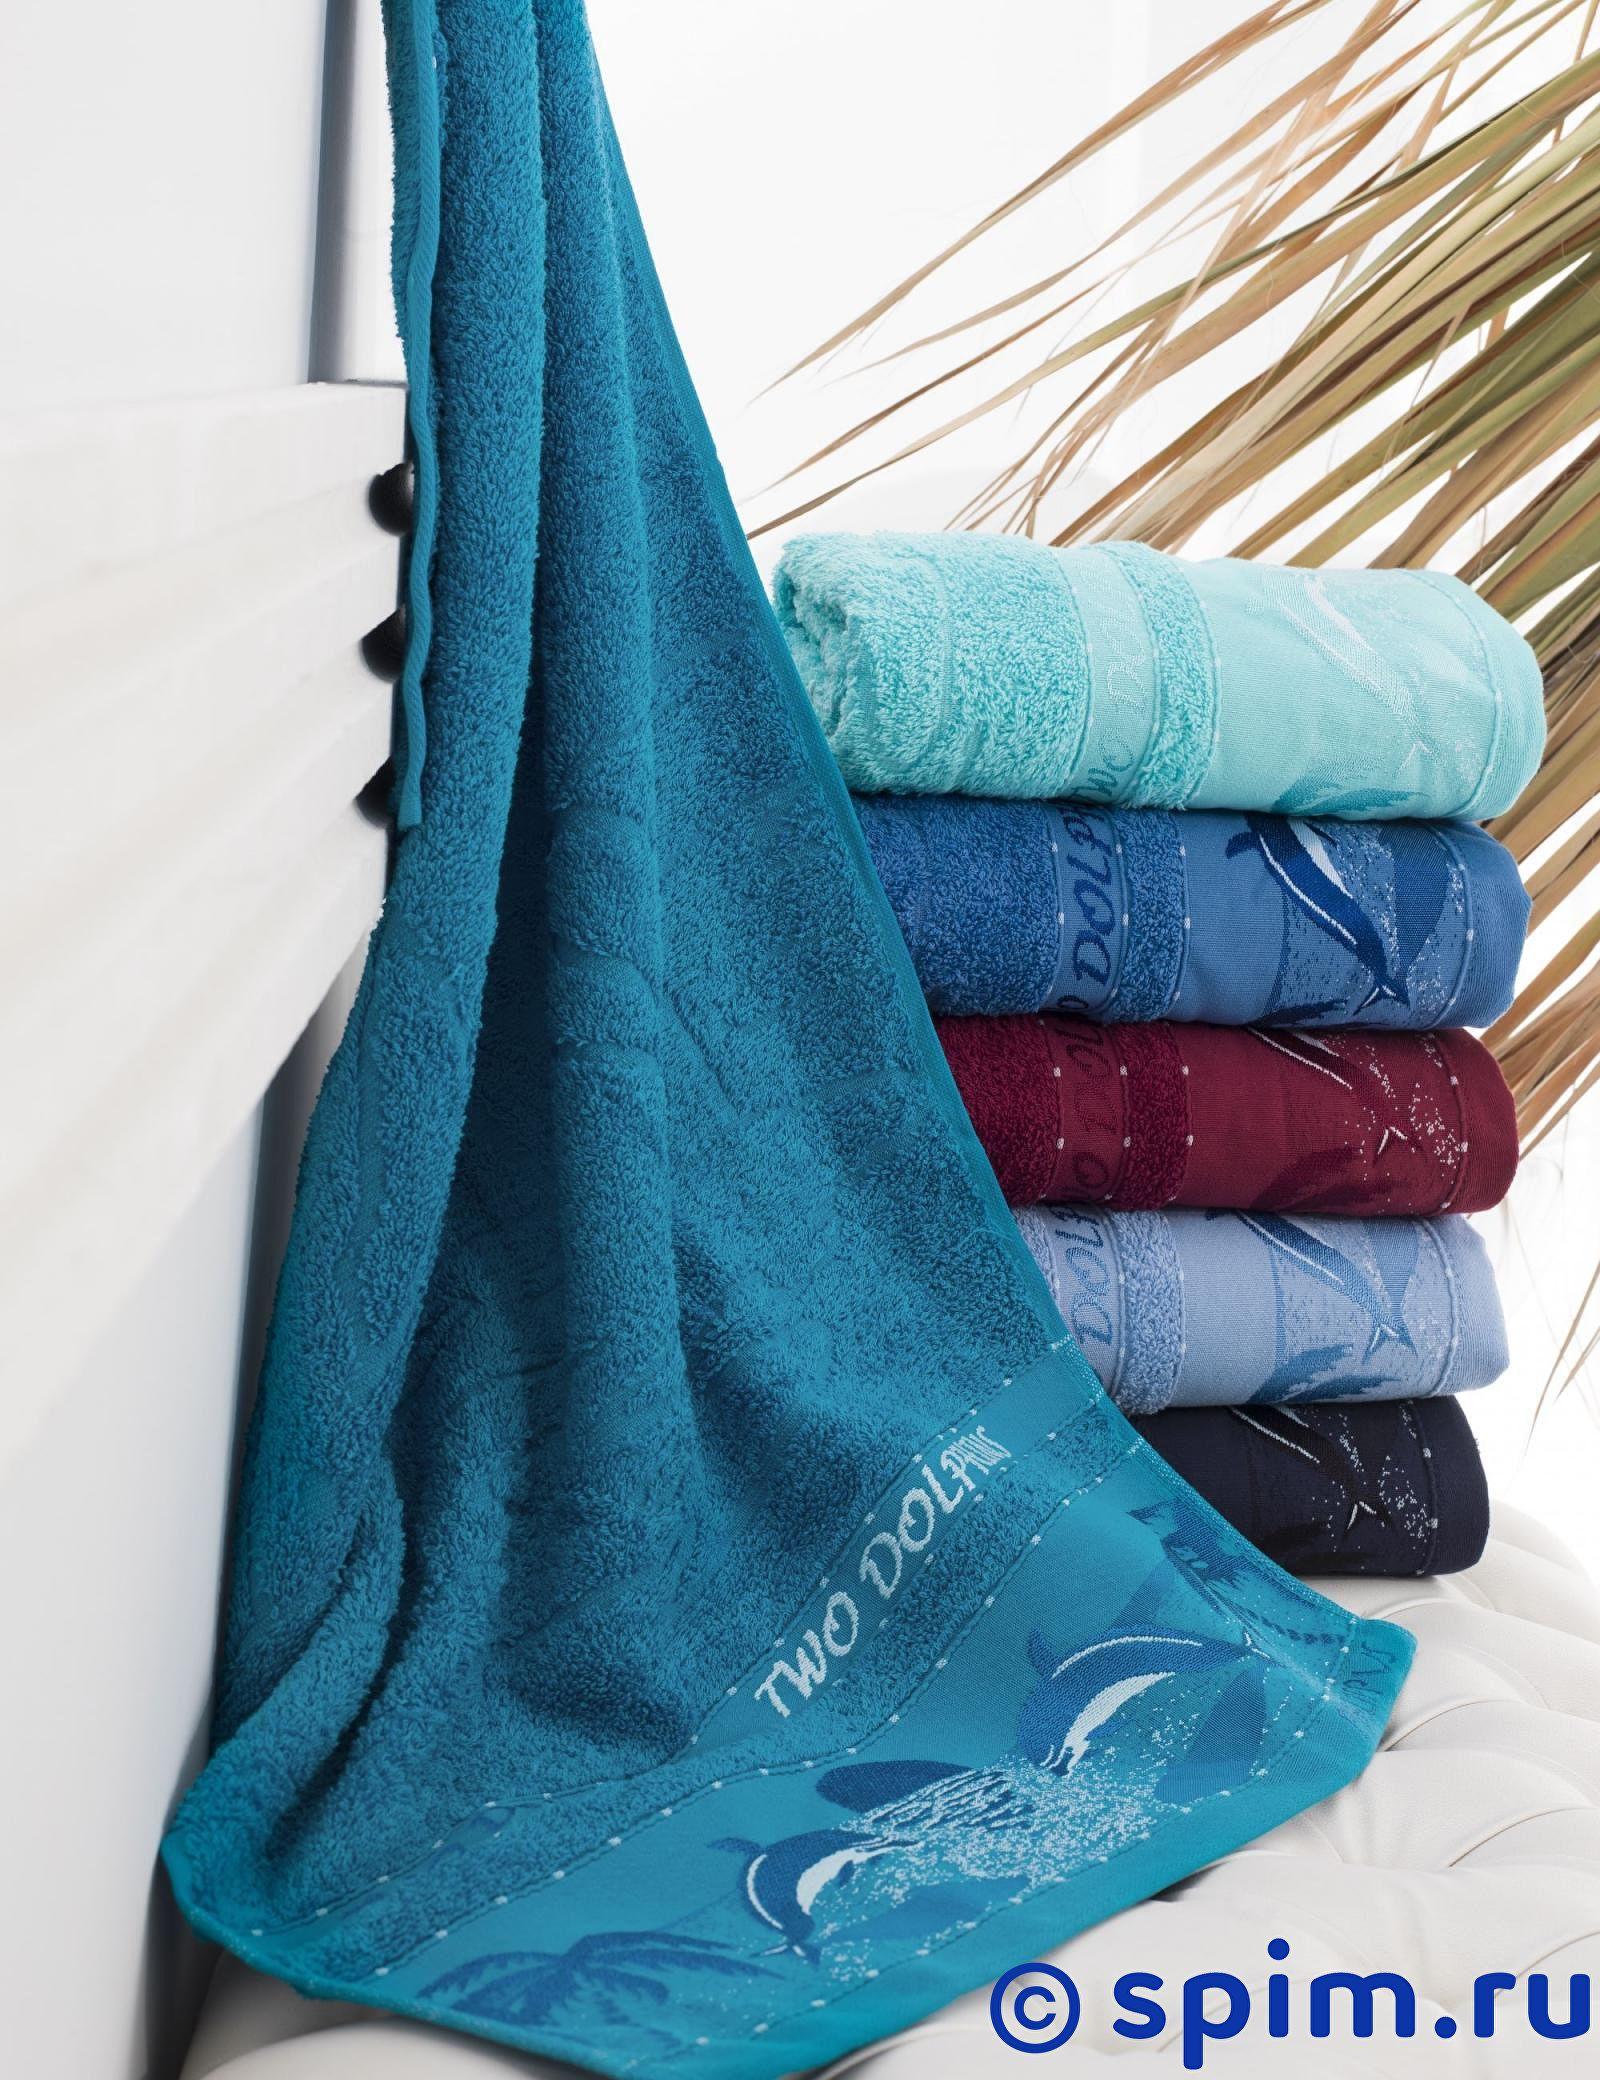 Полотенце Philippus Slow Cotton Dolphins 90х150 см (6 шт.) 90х150 см q6683 6 90